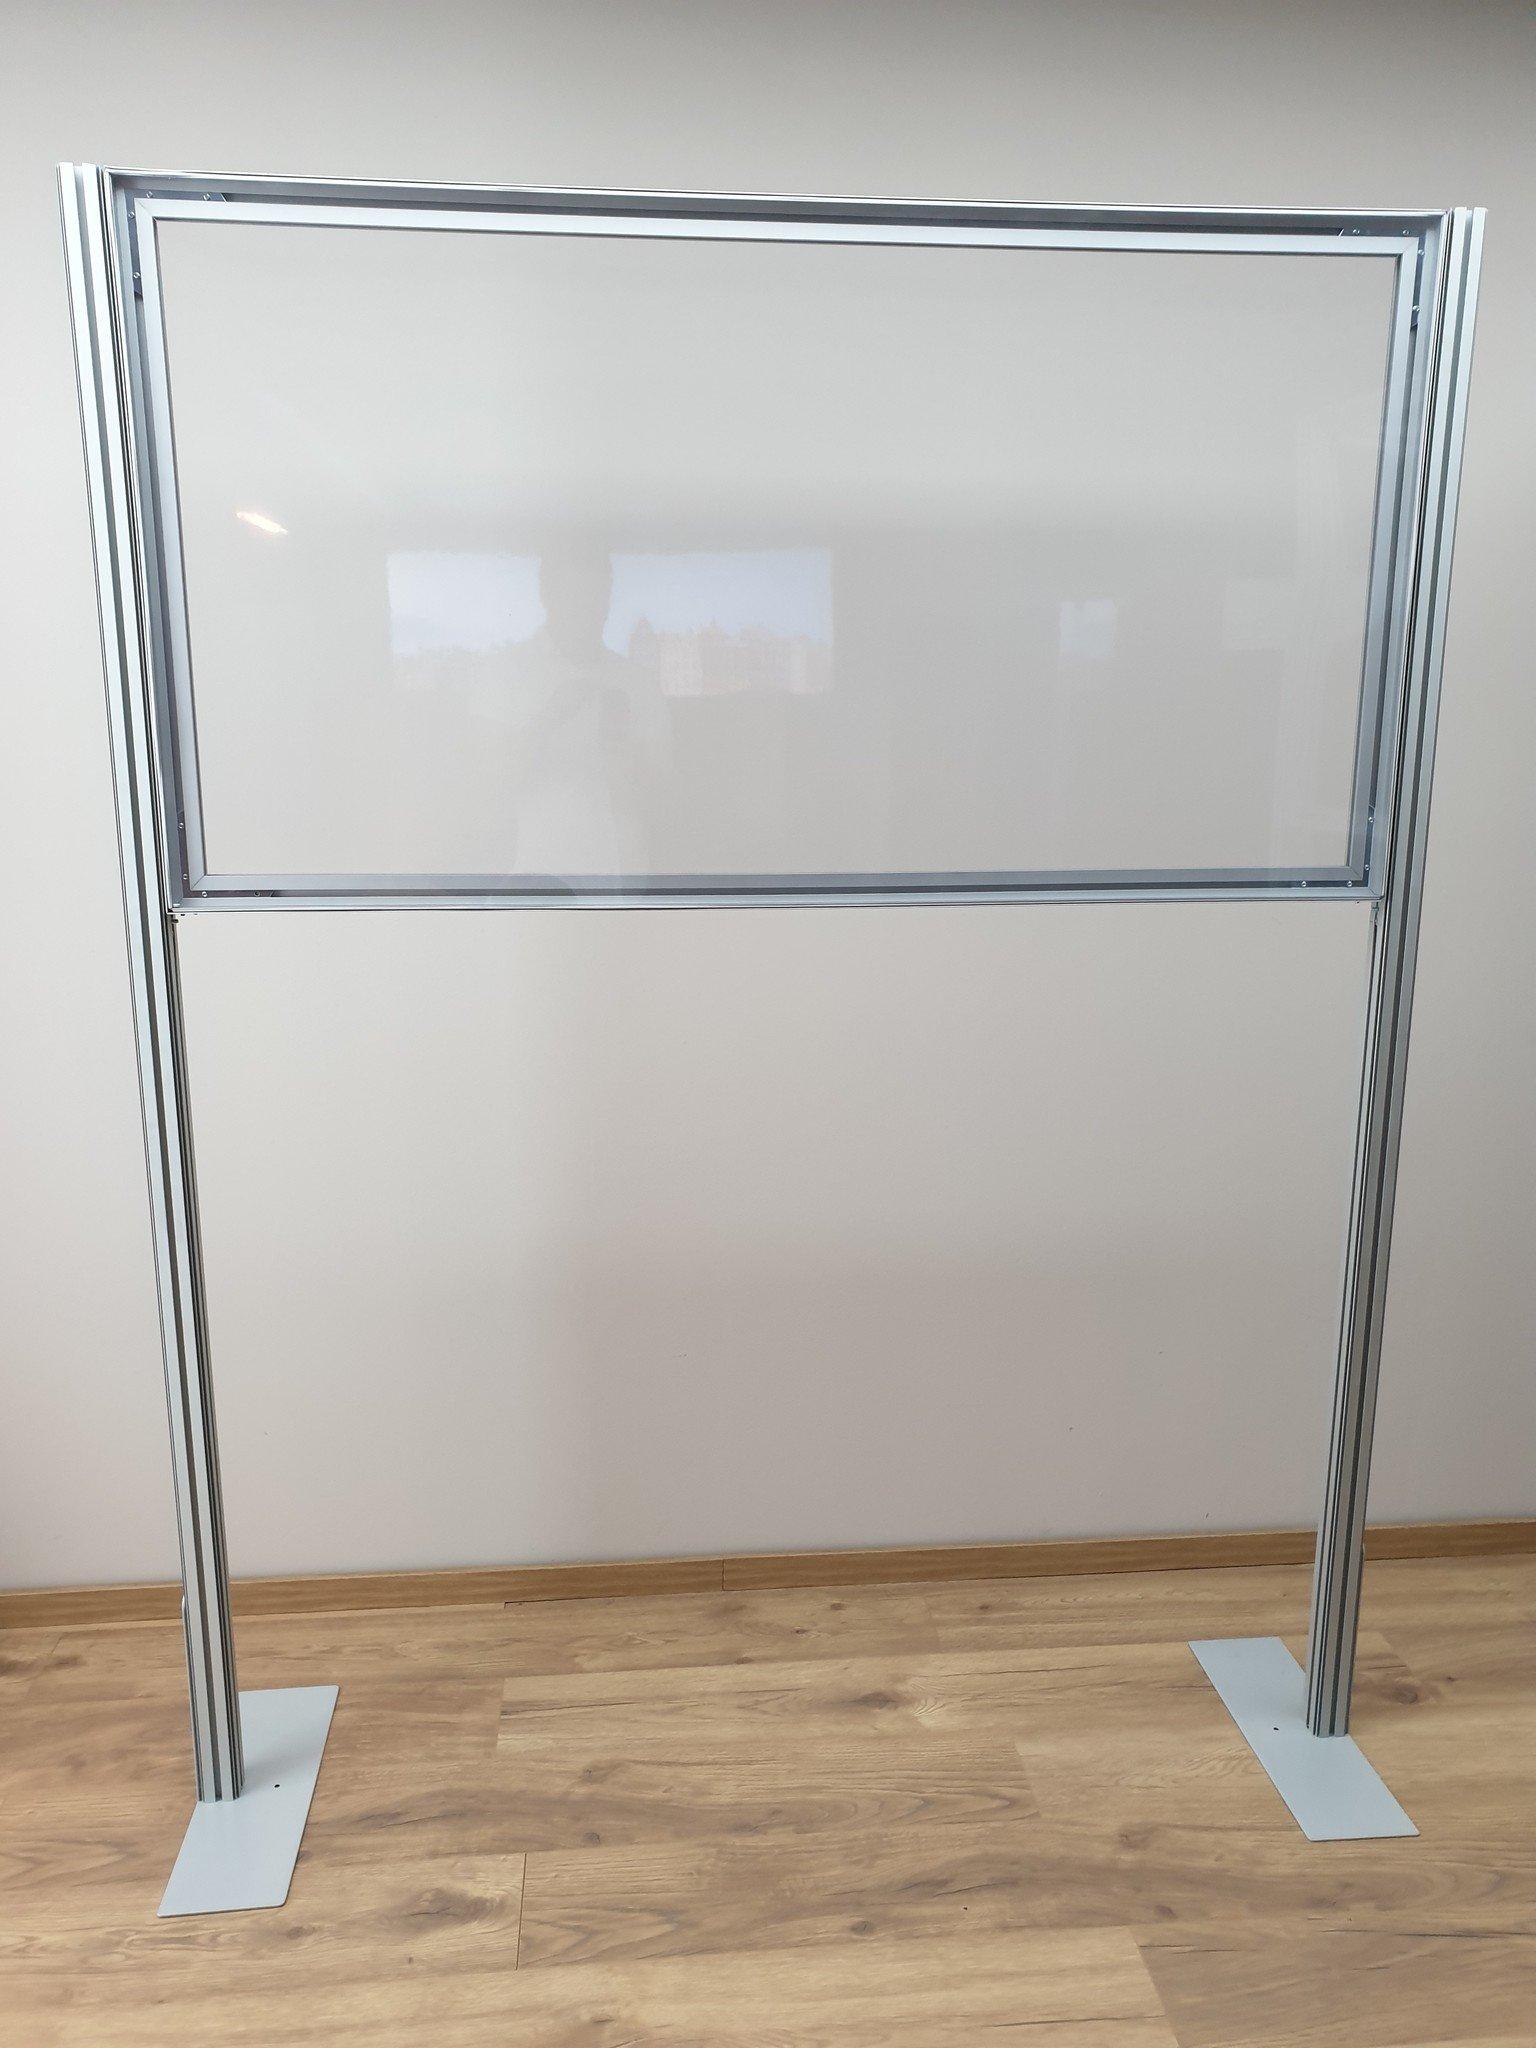 2d Counter model transparent cloth